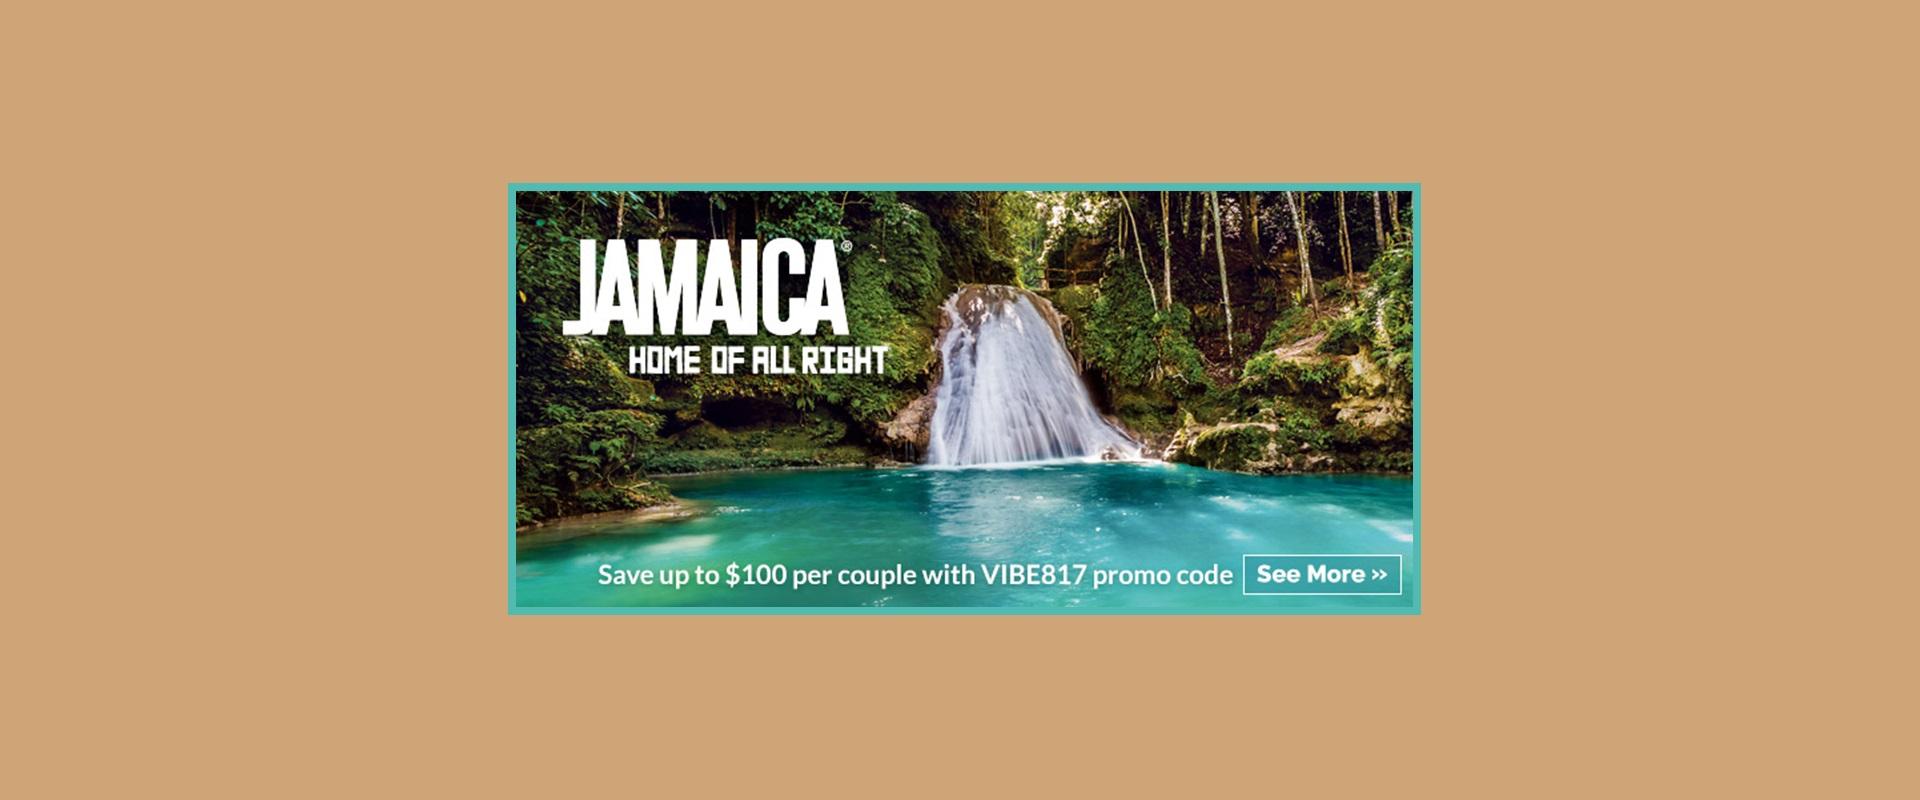 Jamaica-Vibe-Sale